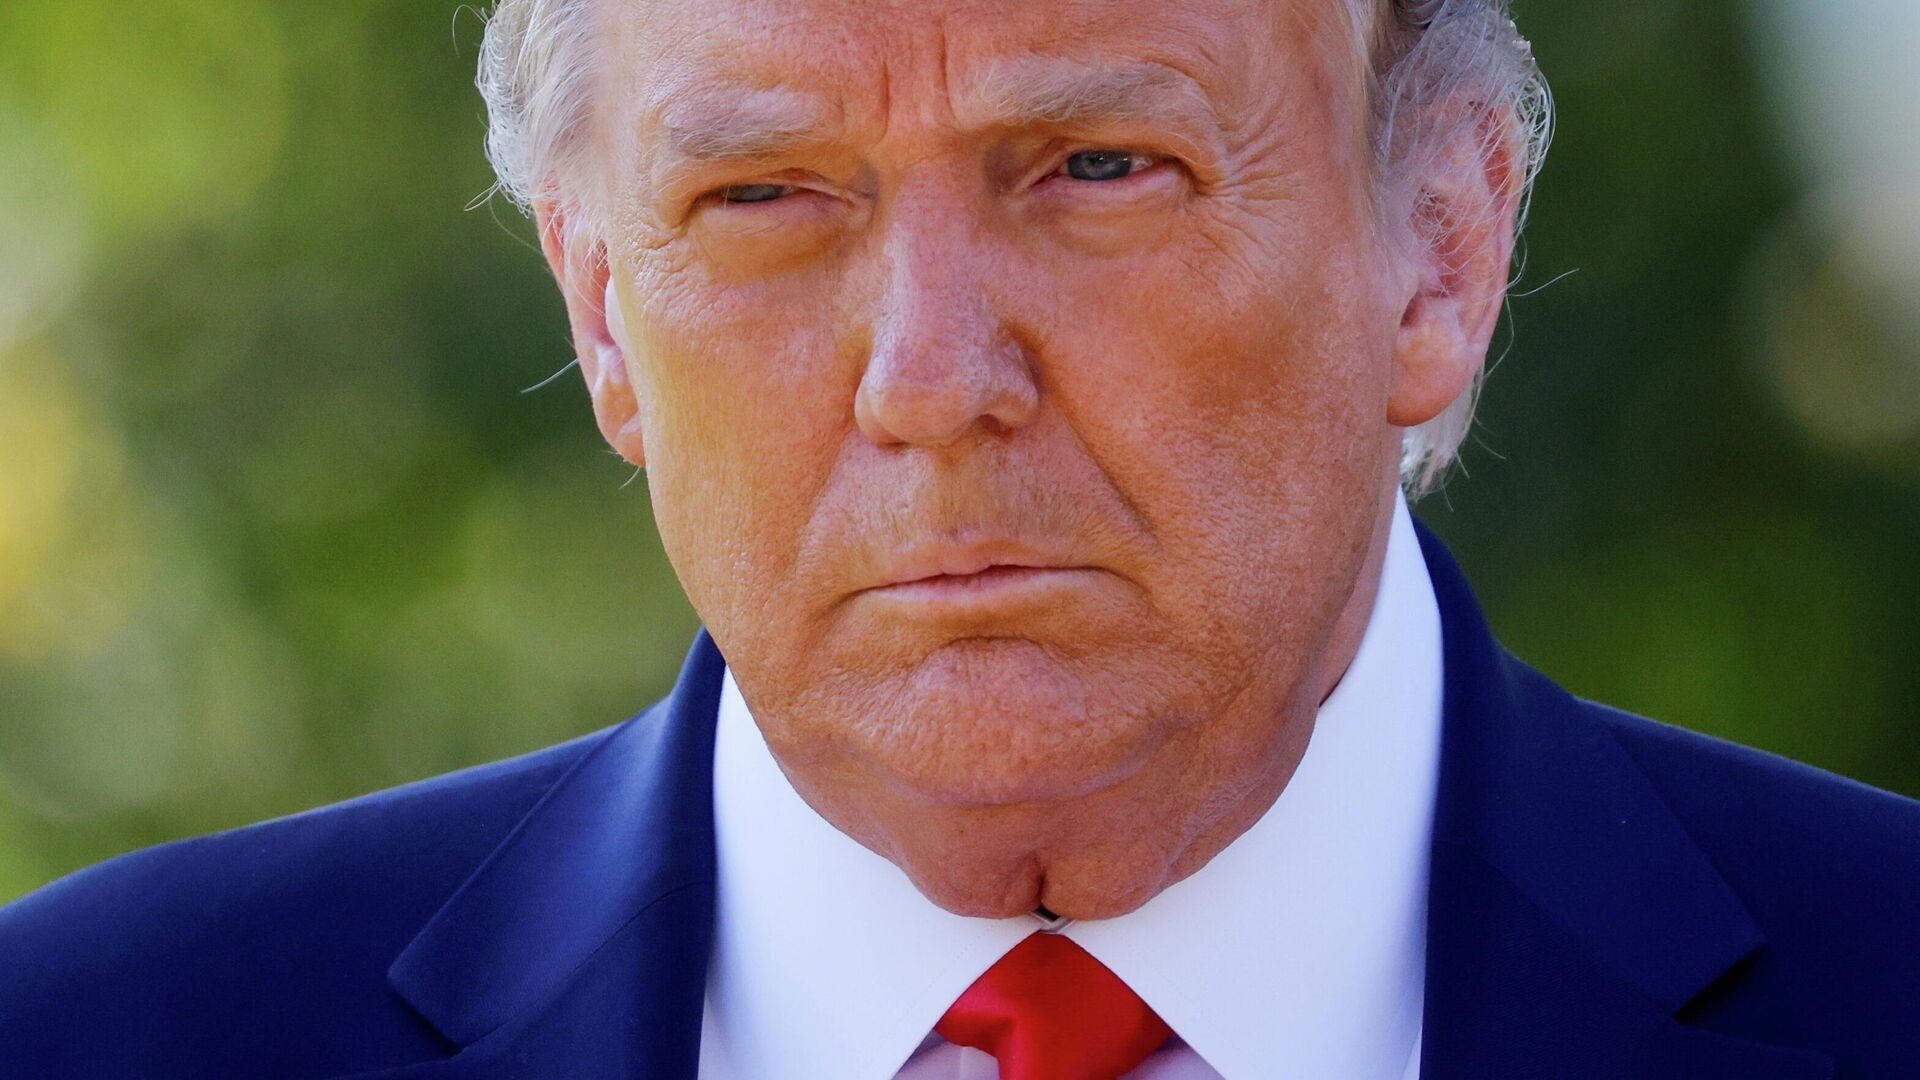 El expresidente de EEUU Donald Trump - Sputnik Mundo, 1920, 30.08.2021